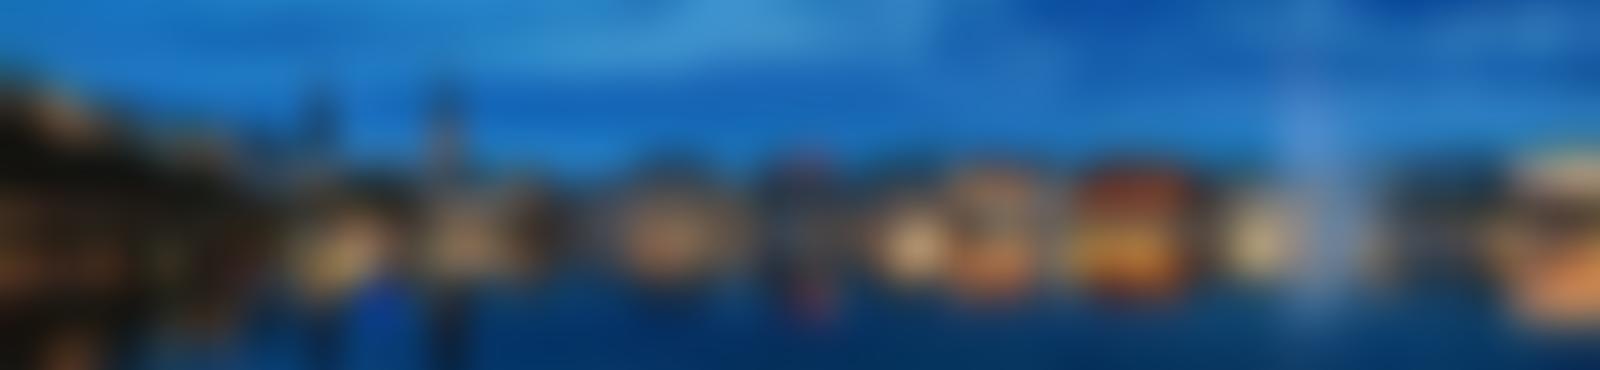 Blurred 185db588 54d6 49e3 85f7 b48d7aec34d1